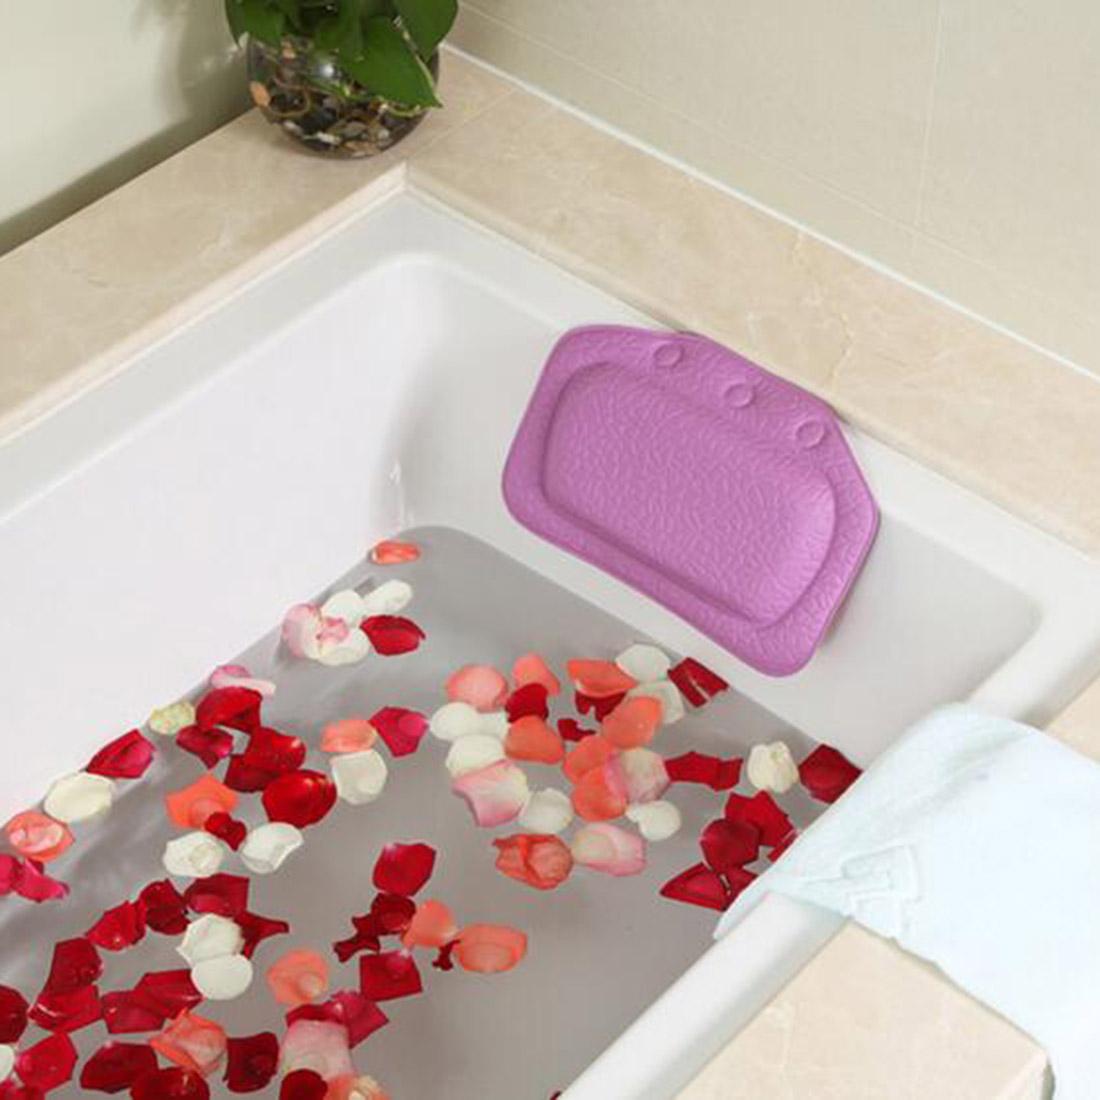 nl funvit hoe badkamer inrichten